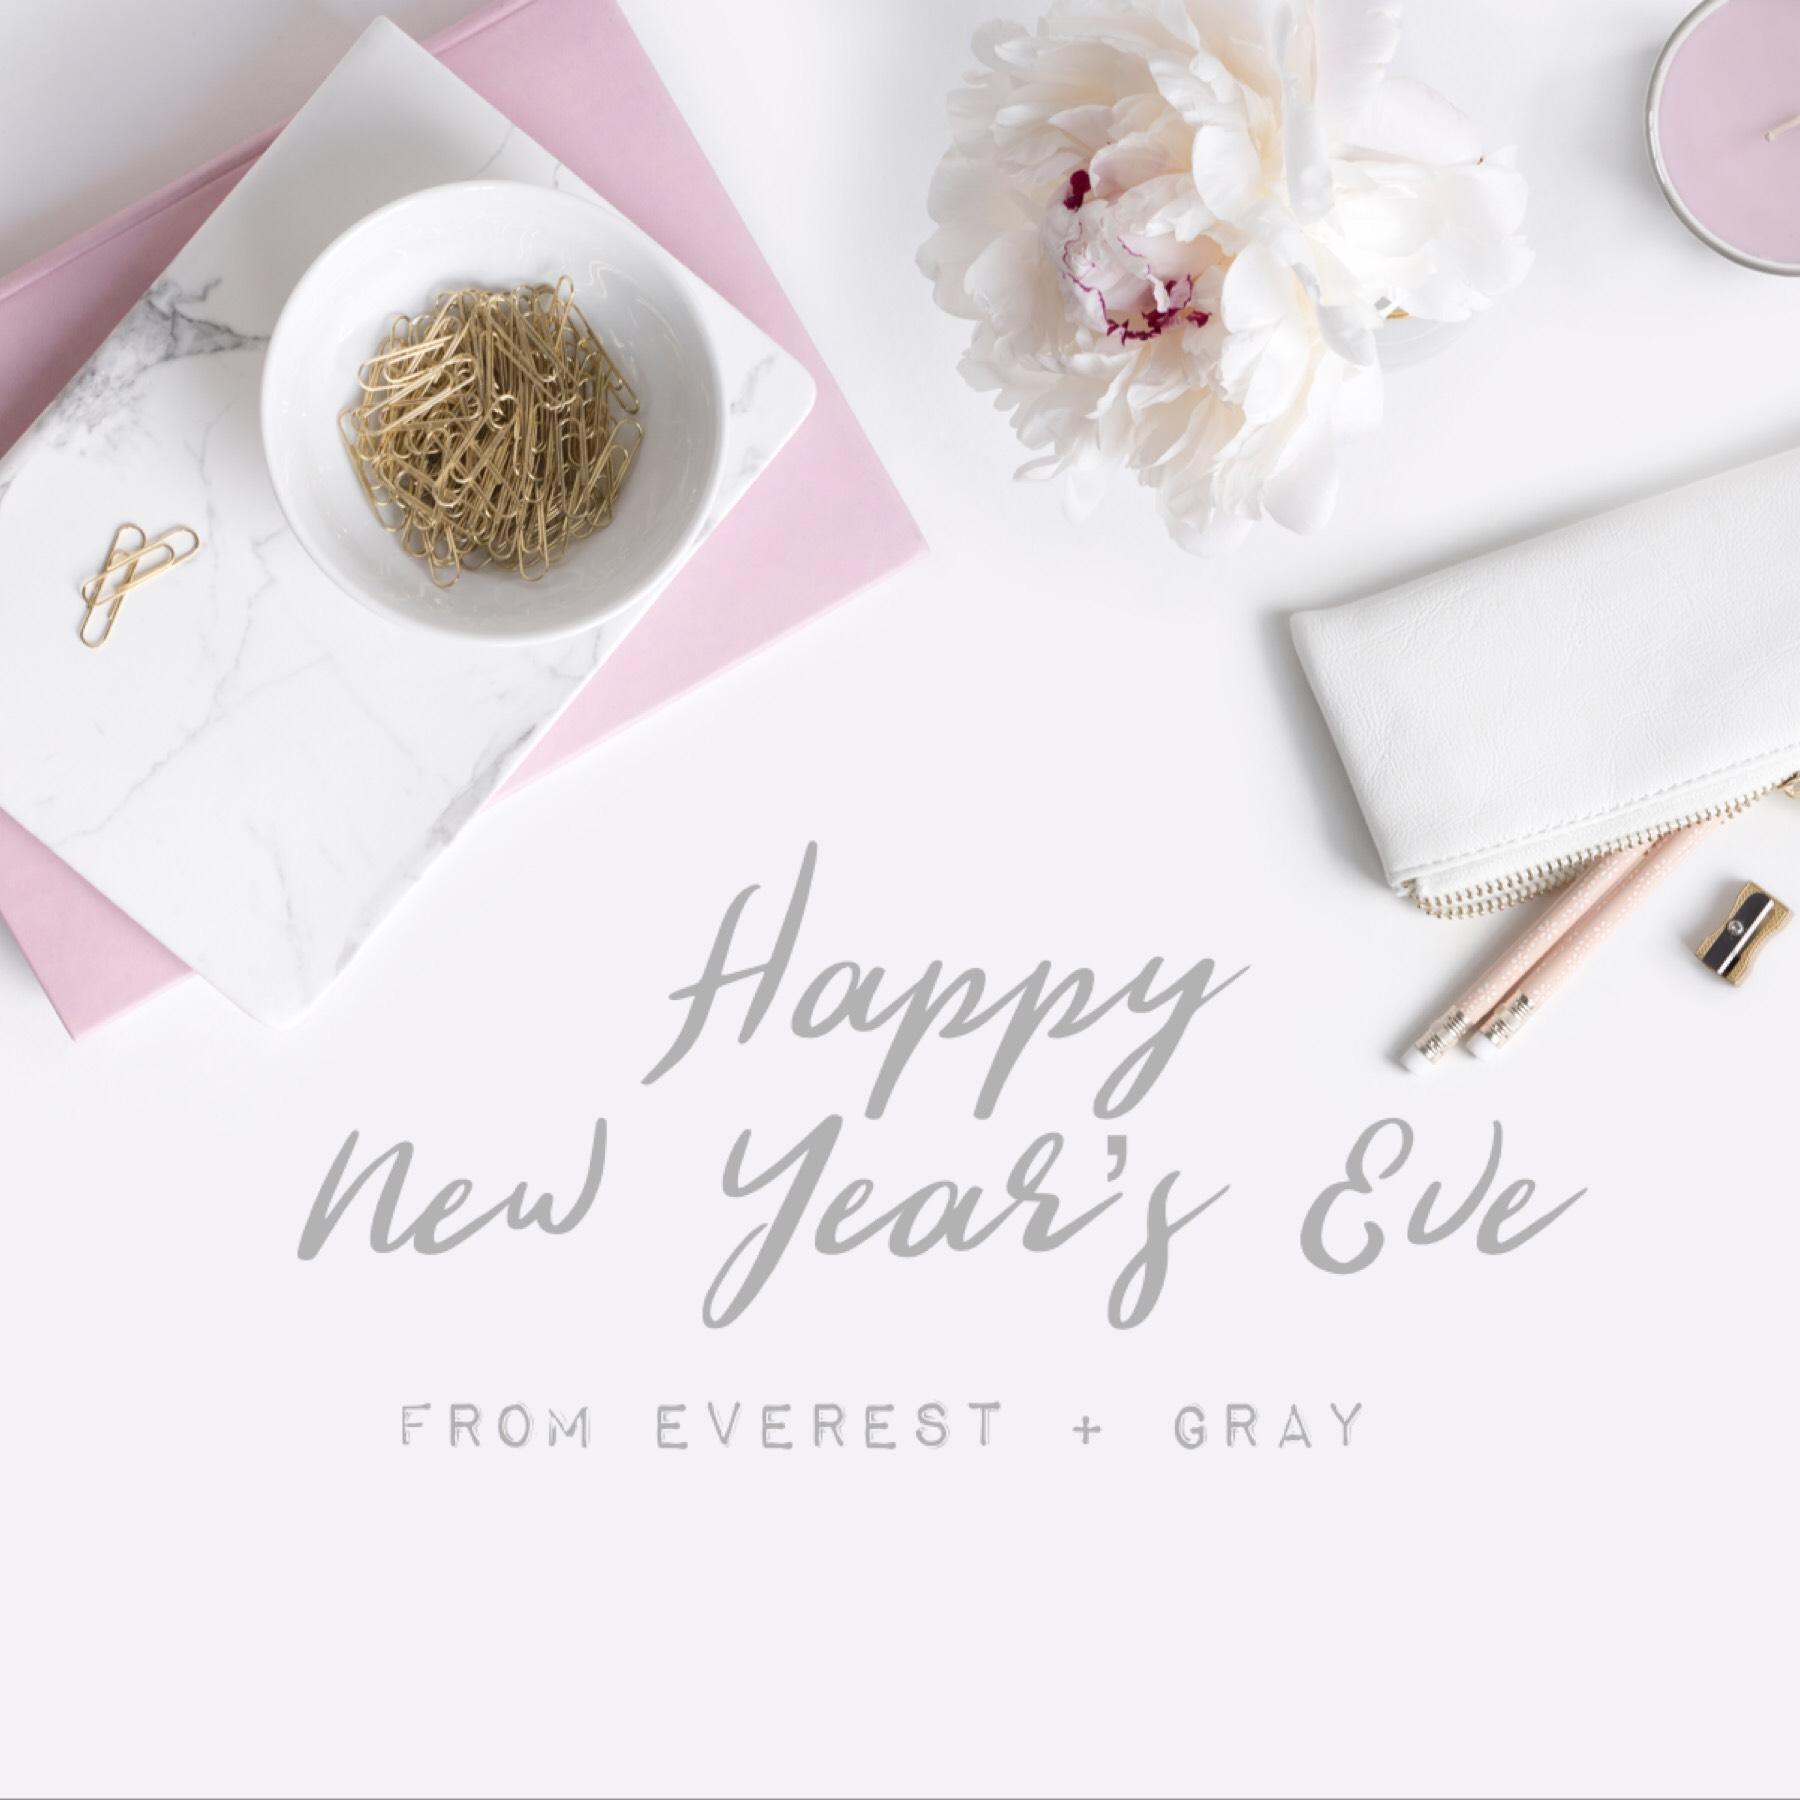 Happy NYE!!🥳🙌🏽🎉 #piccollage #nye #newyear #happynewyear @piccollage